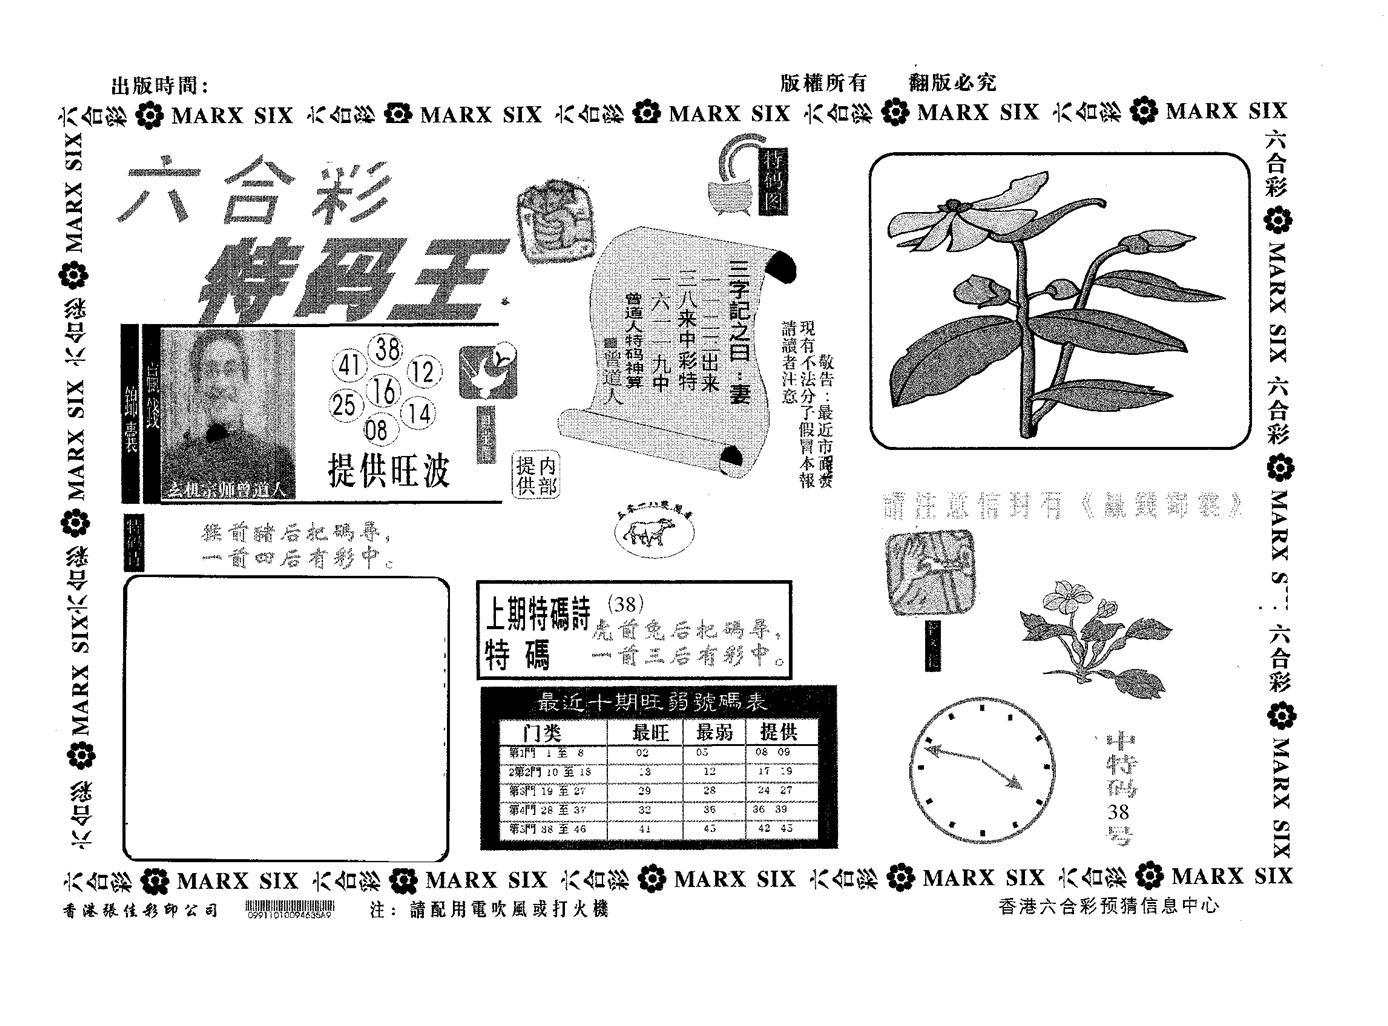 050期特码王B(黑白)